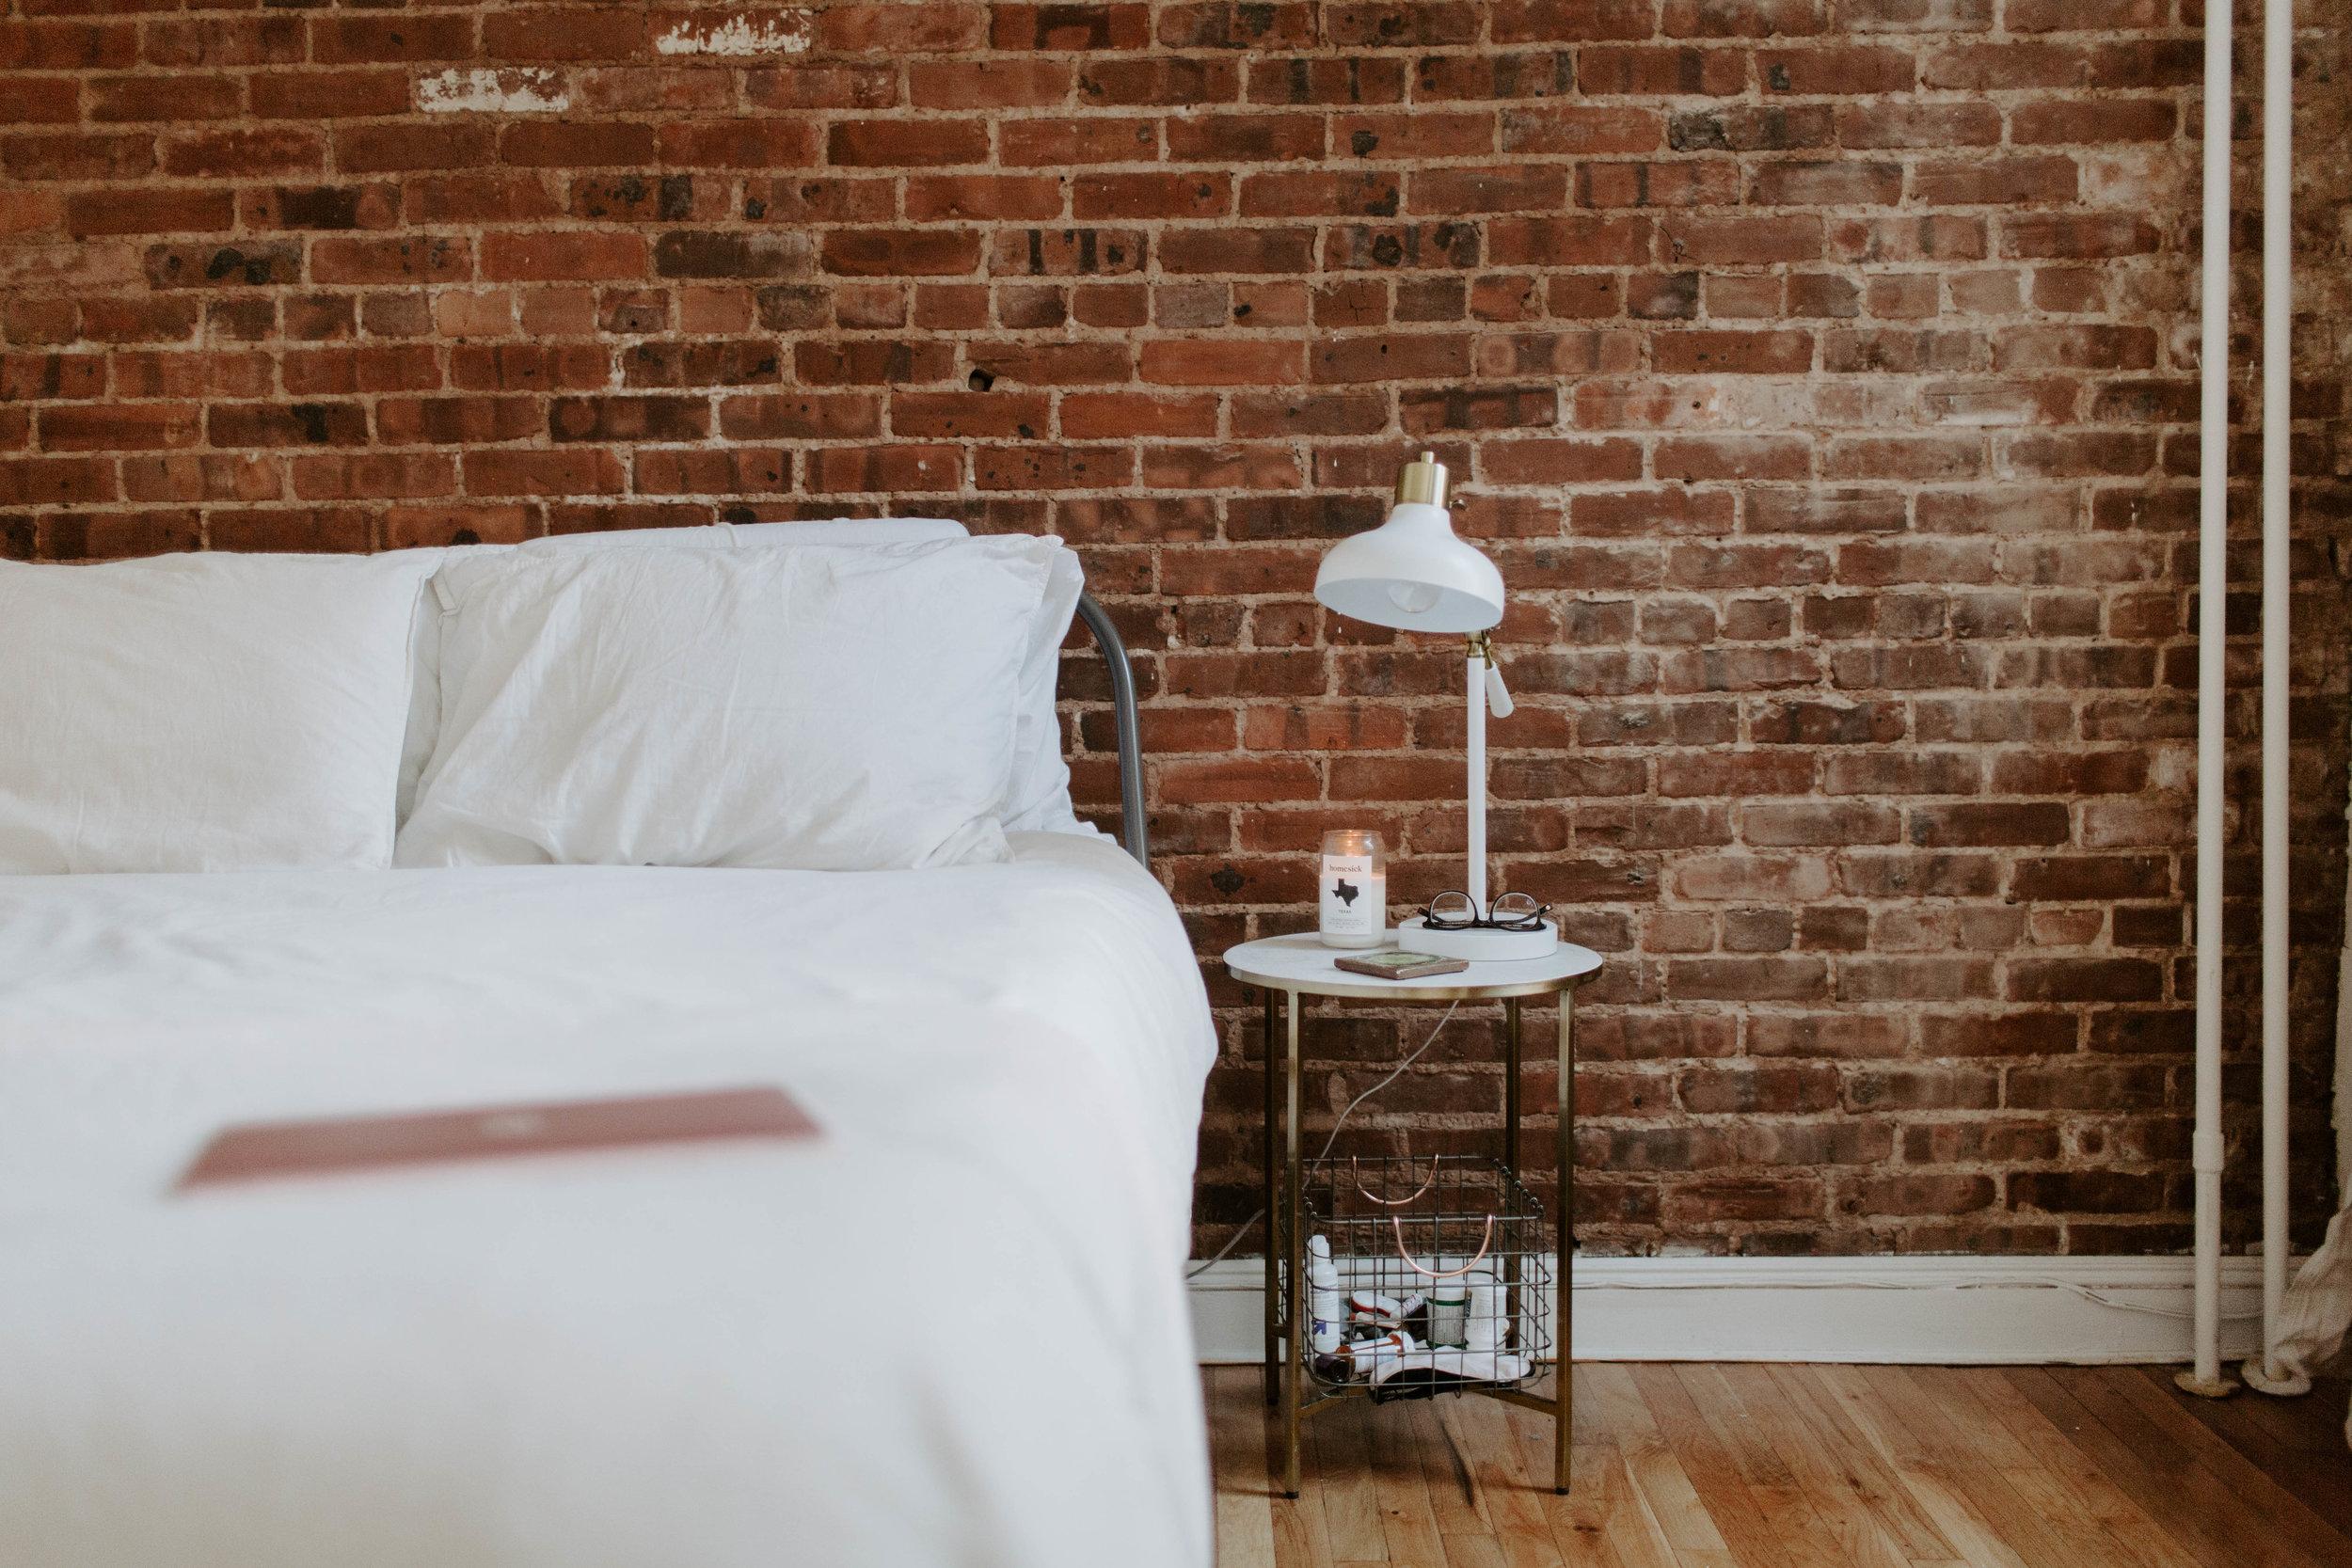 Cobble_Hill_Brooklyn_Apartment_Tour10.jpg